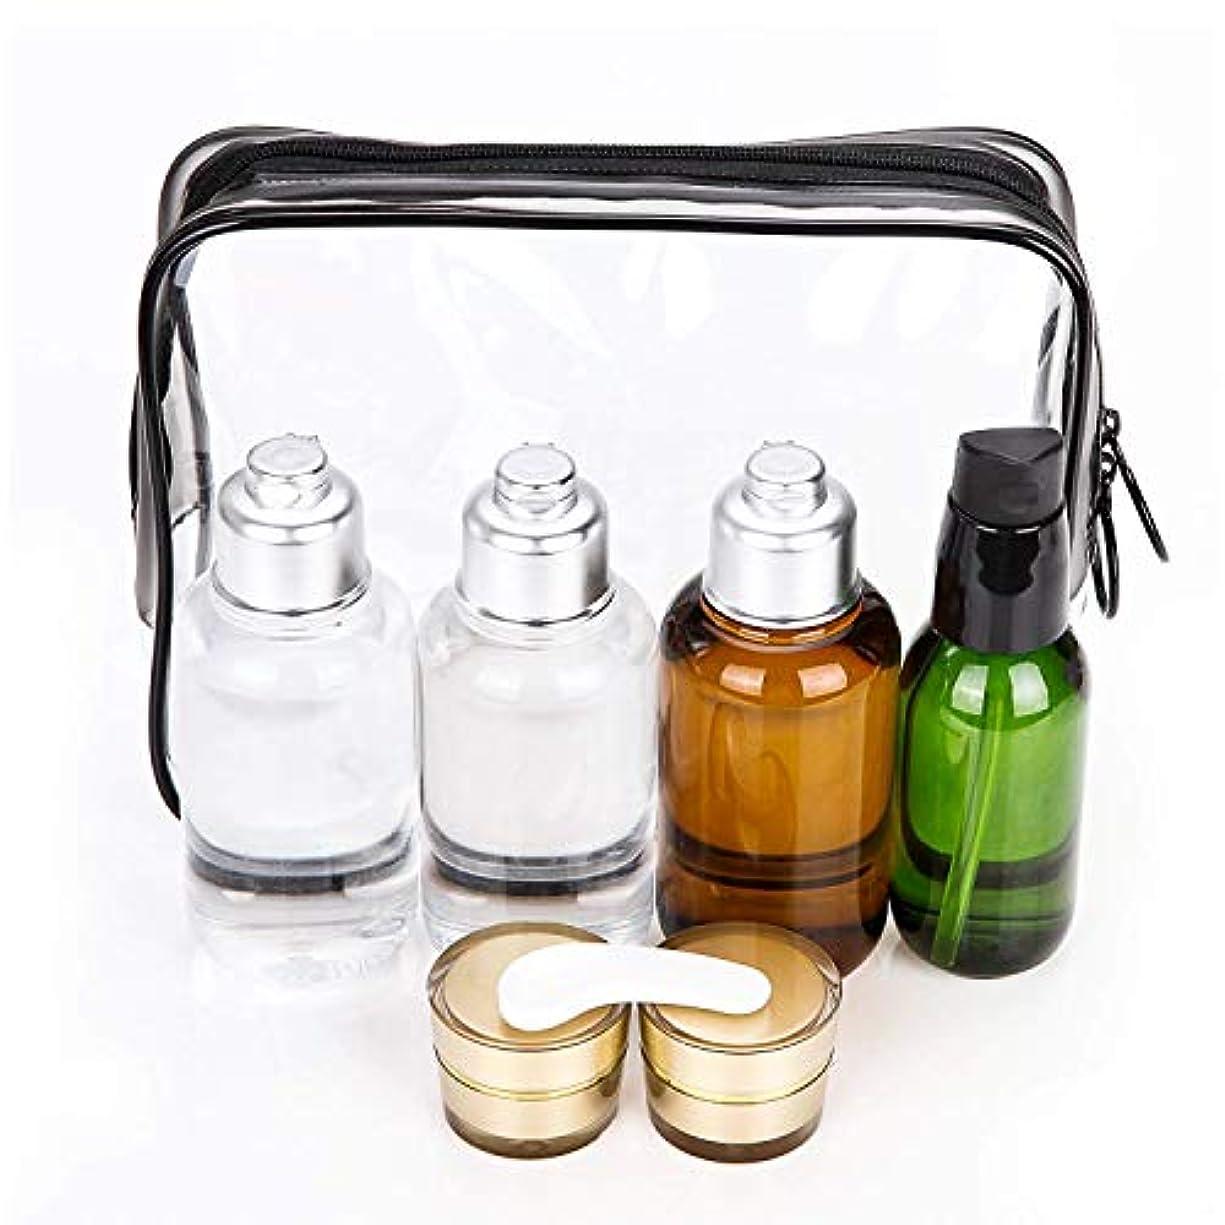 カーペットベアリング前置詞Bijou Cat トラベル用ボトル 詰替ボトル 小分けボトル 旅行携帯用容器